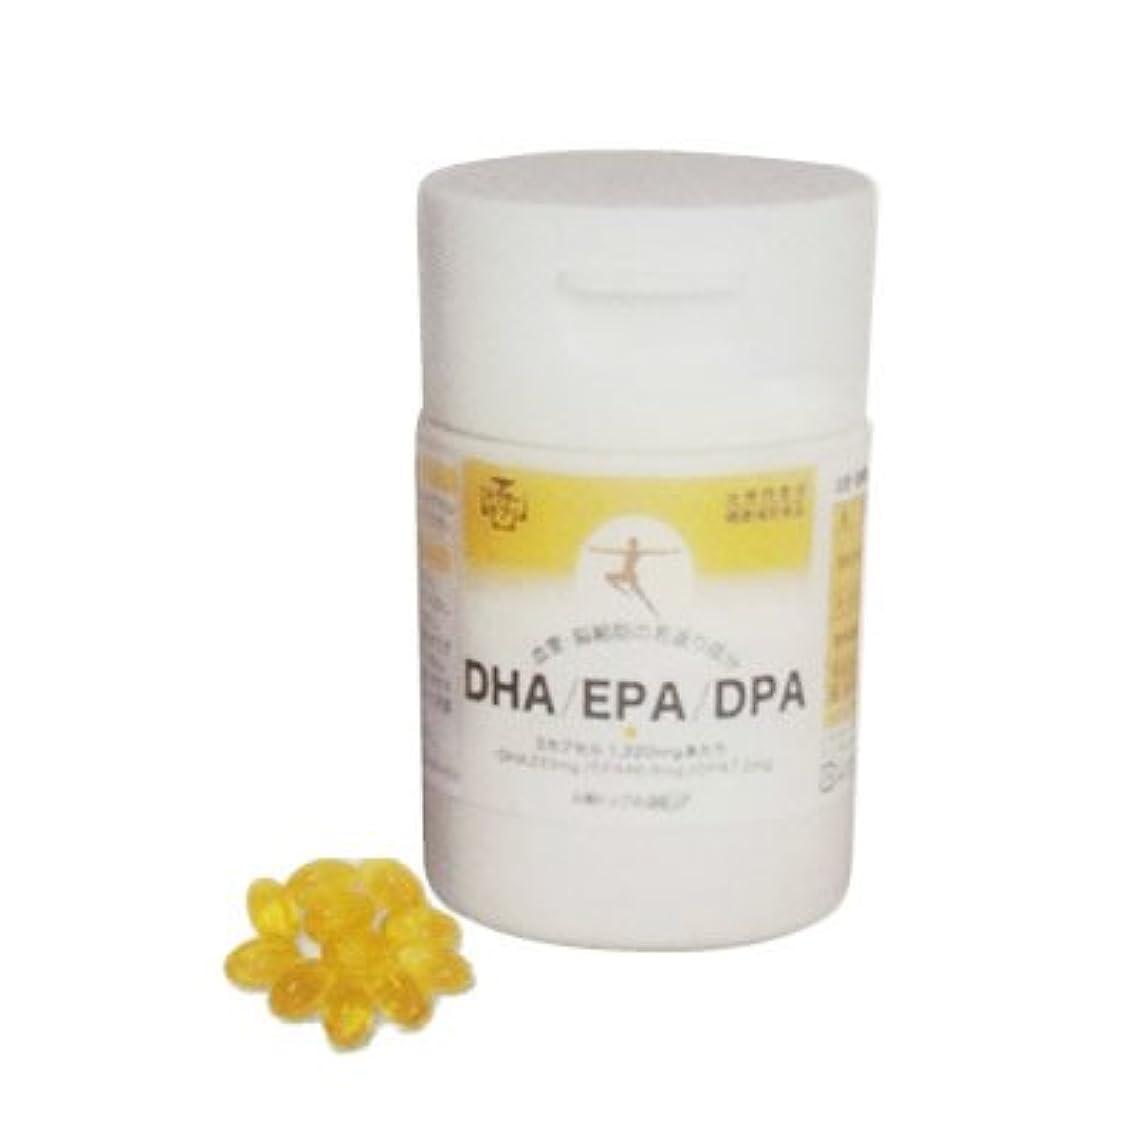 モーター手首輪郭DHA/EPA/DPA 400mg×90カプセル(ドクターサプリ/健康補助食品シリーズ)